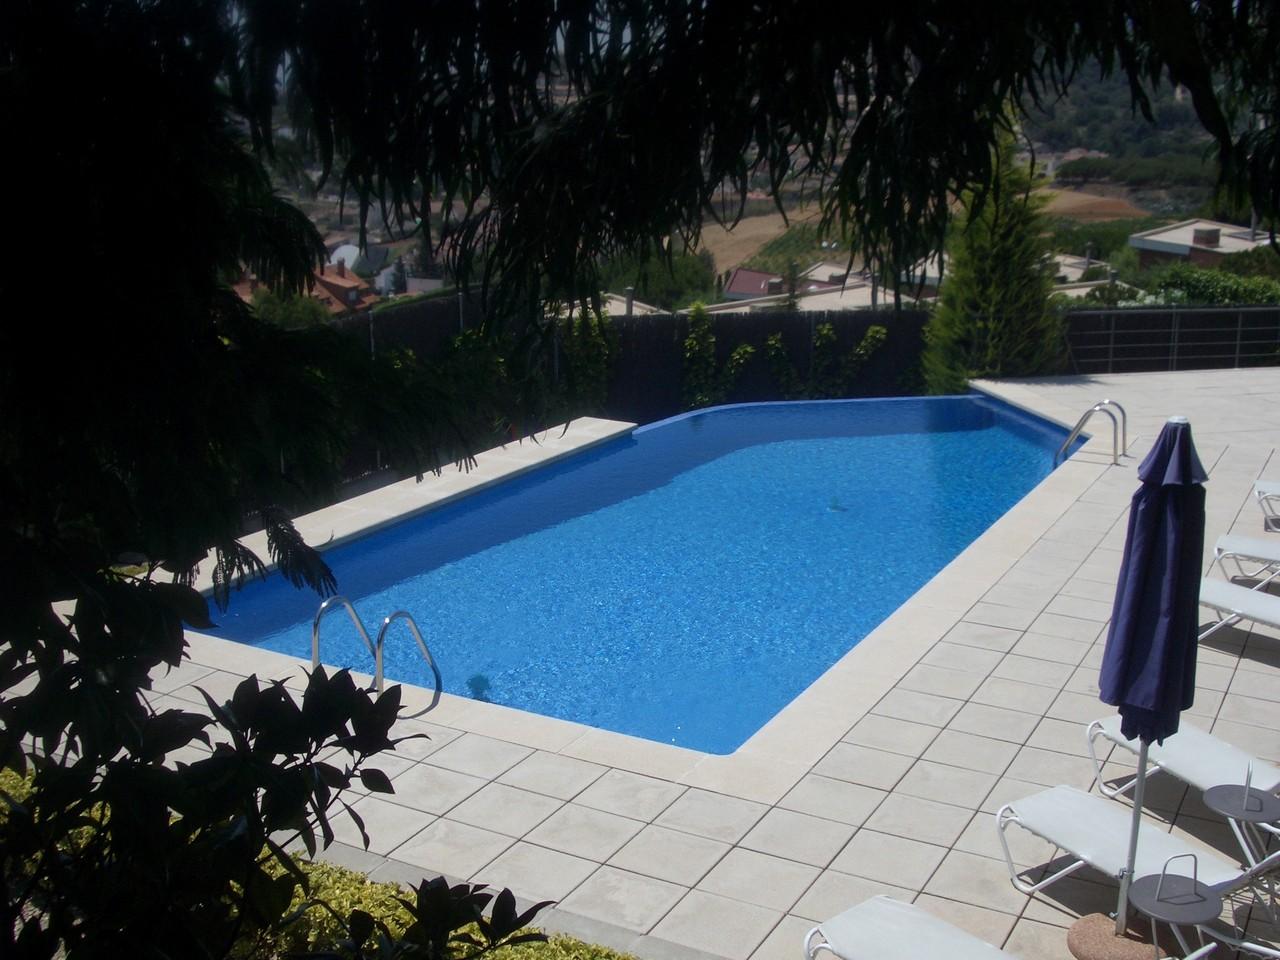 Piscinas construcci n de piscinas precios de piscinas for Piscinas superficie precios